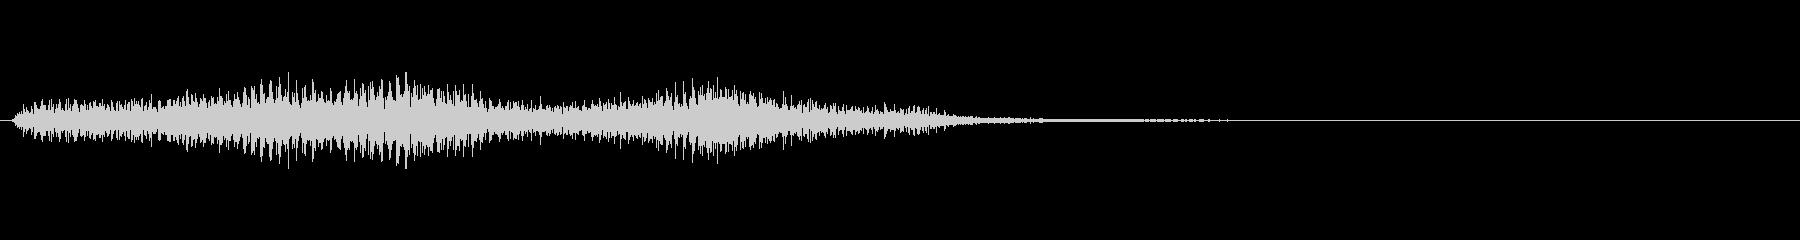 ショッキング(ホラー)3の未再生の波形